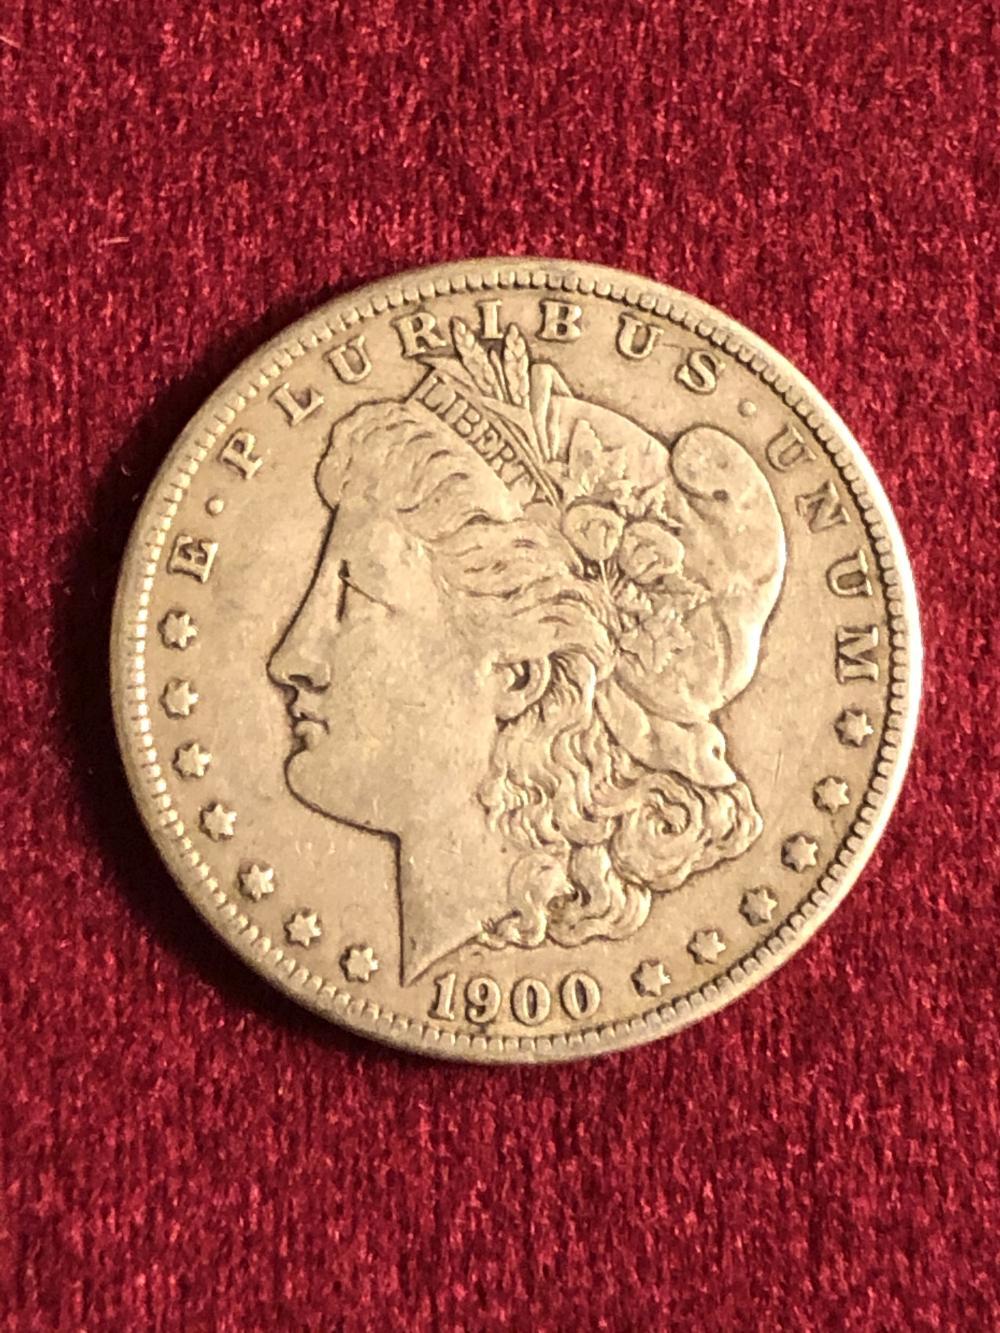 1900-O morgan silver dollar coin